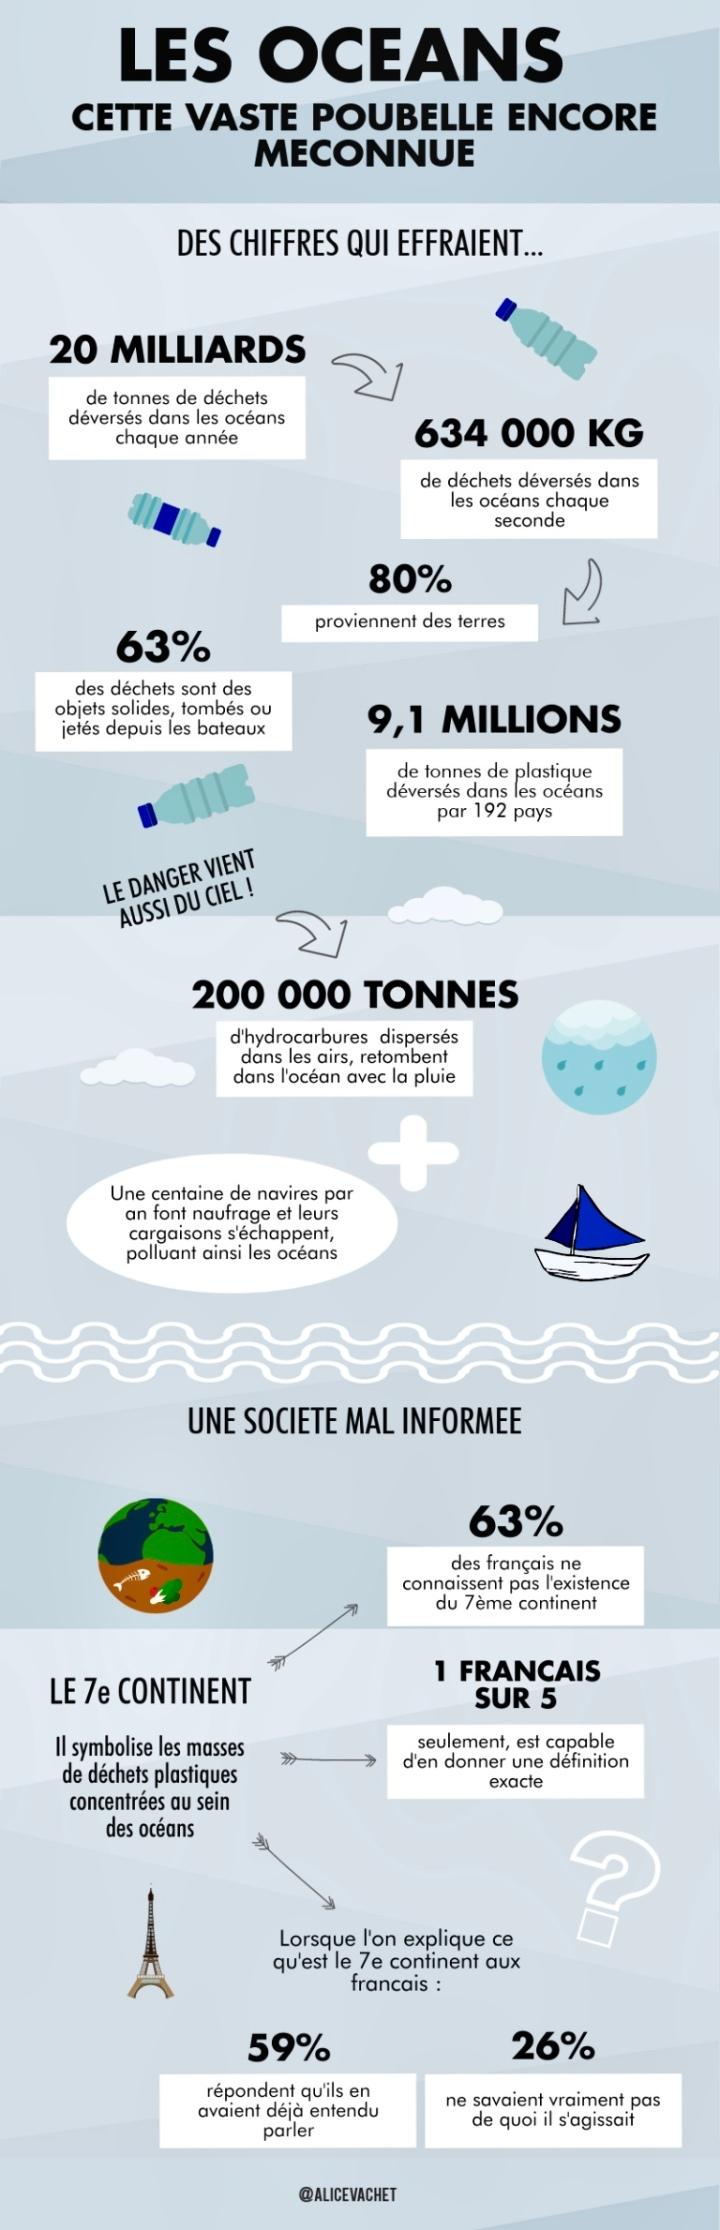 [Infographie] Écologie : Les Océans, cette vaste poubelle encore méconnue🌊